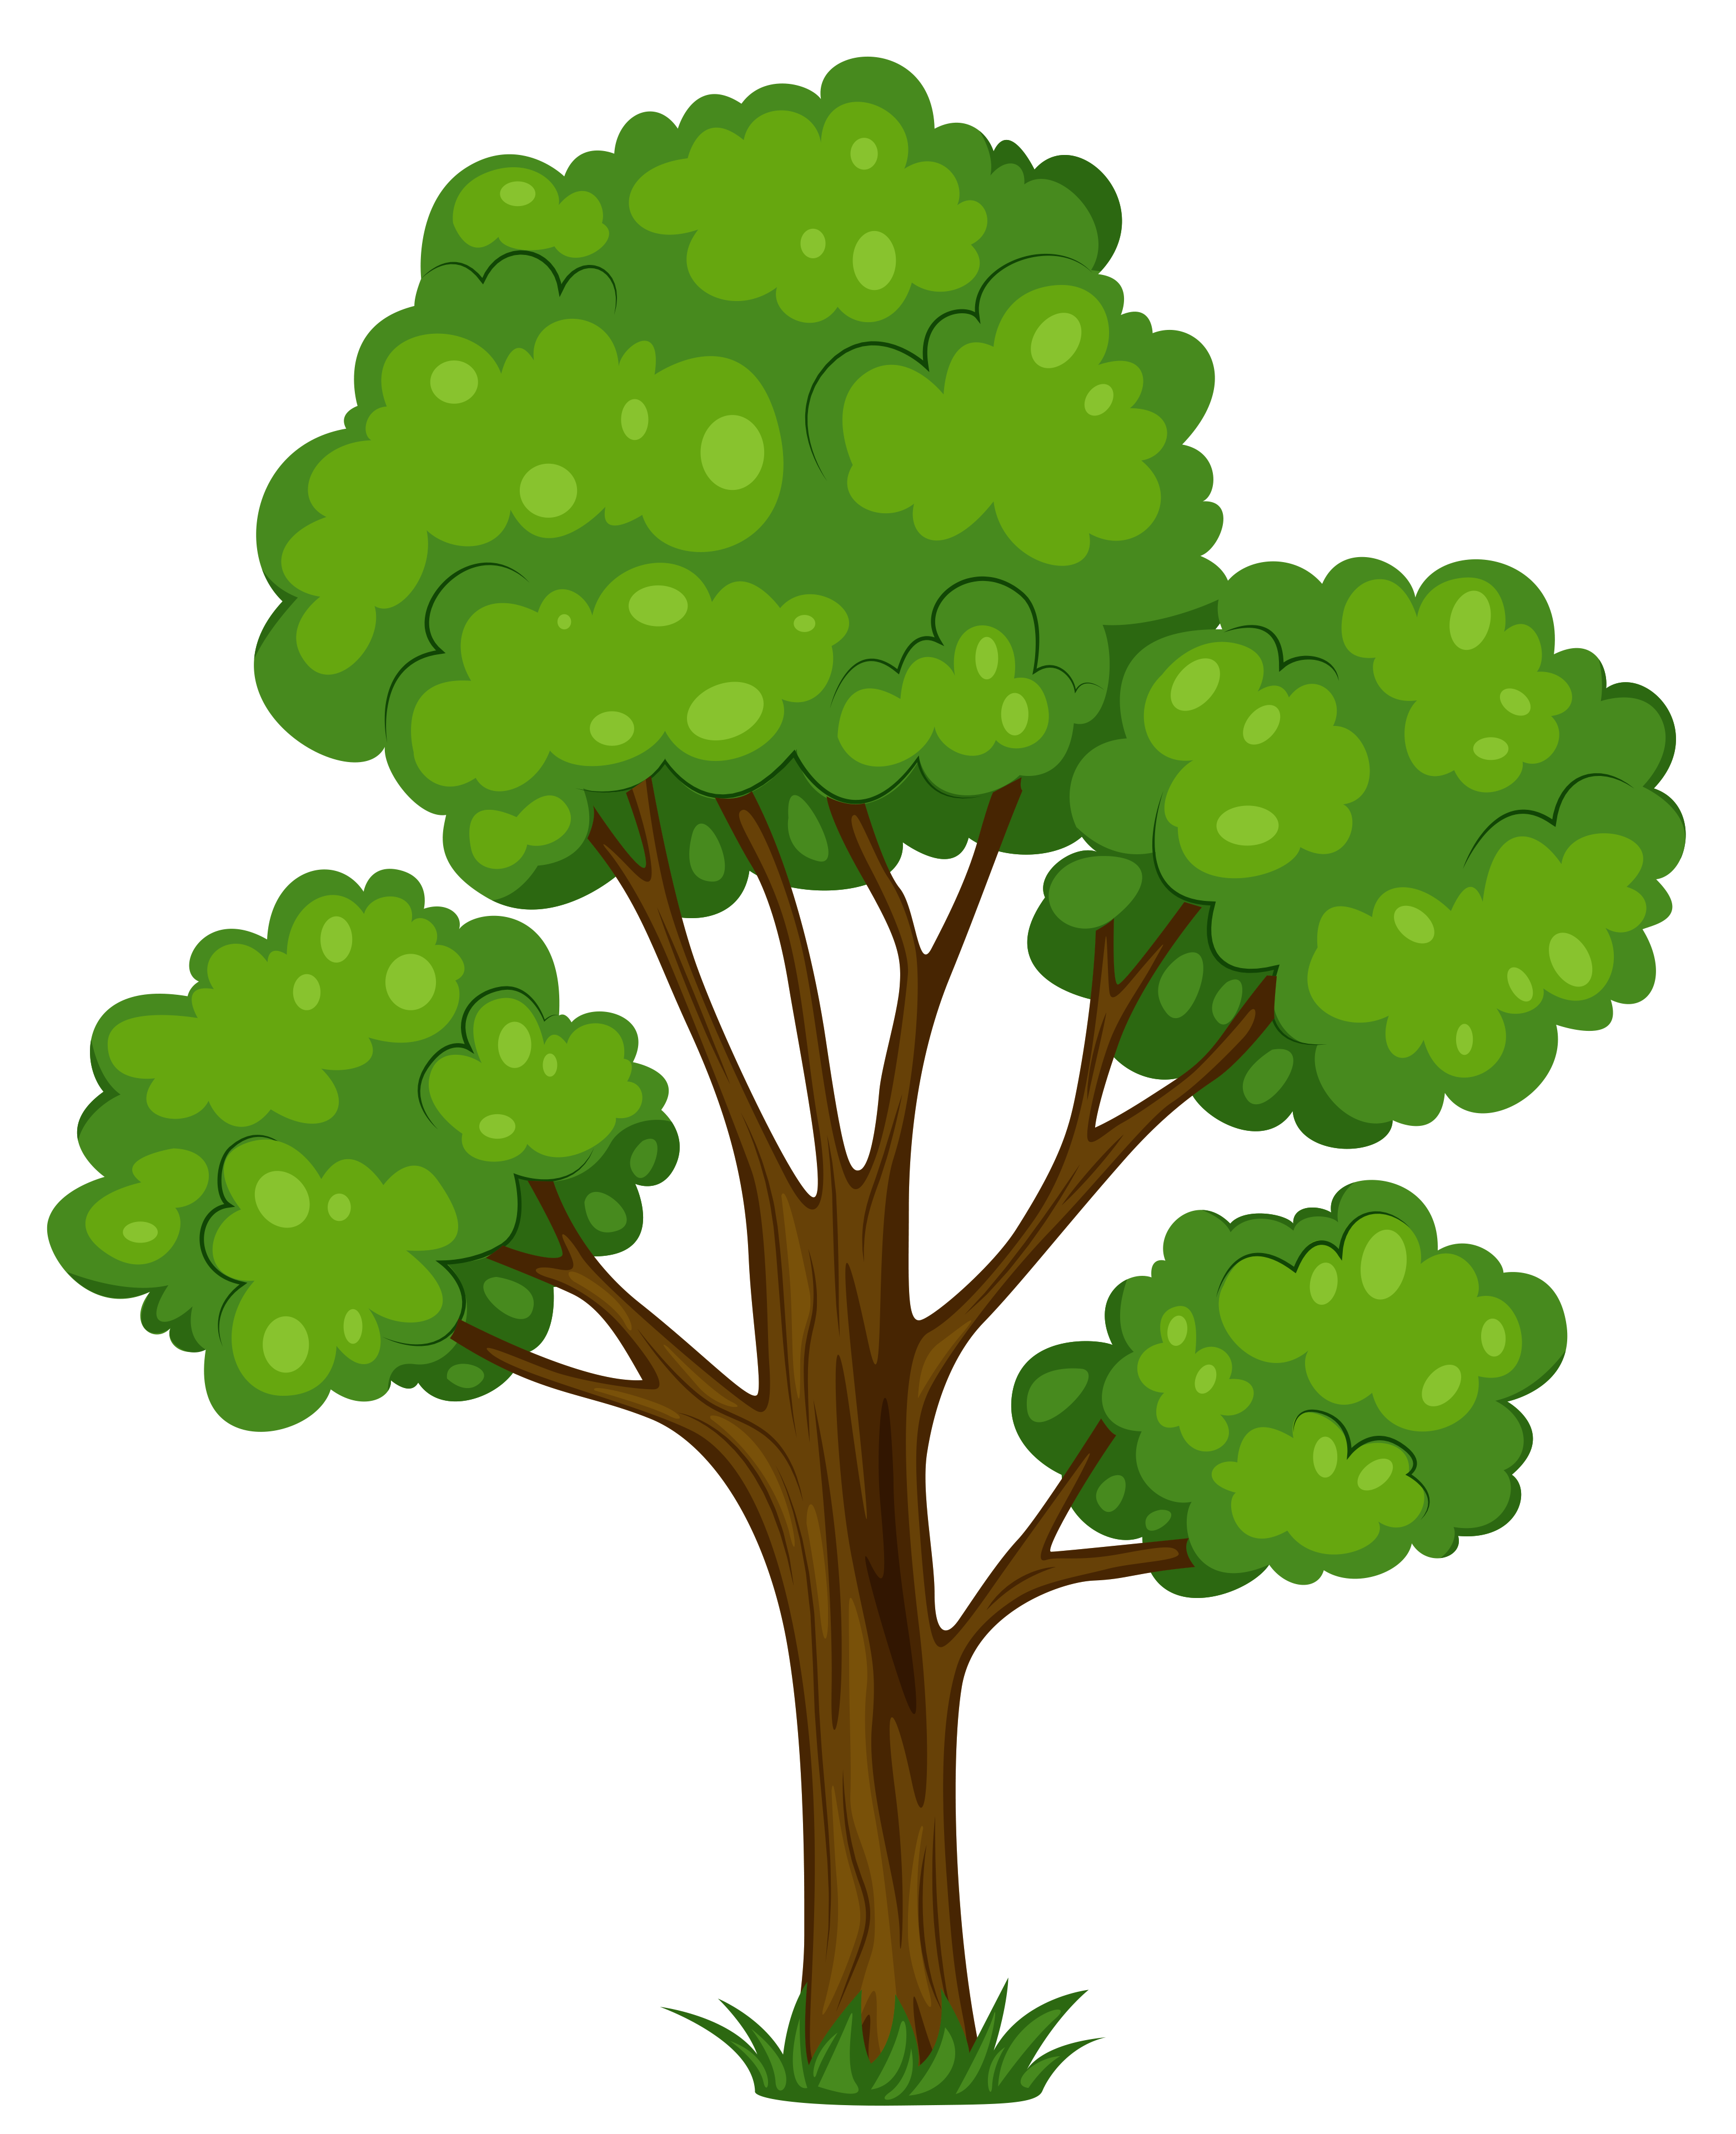 Tree Clipart-Tree Clipart-17